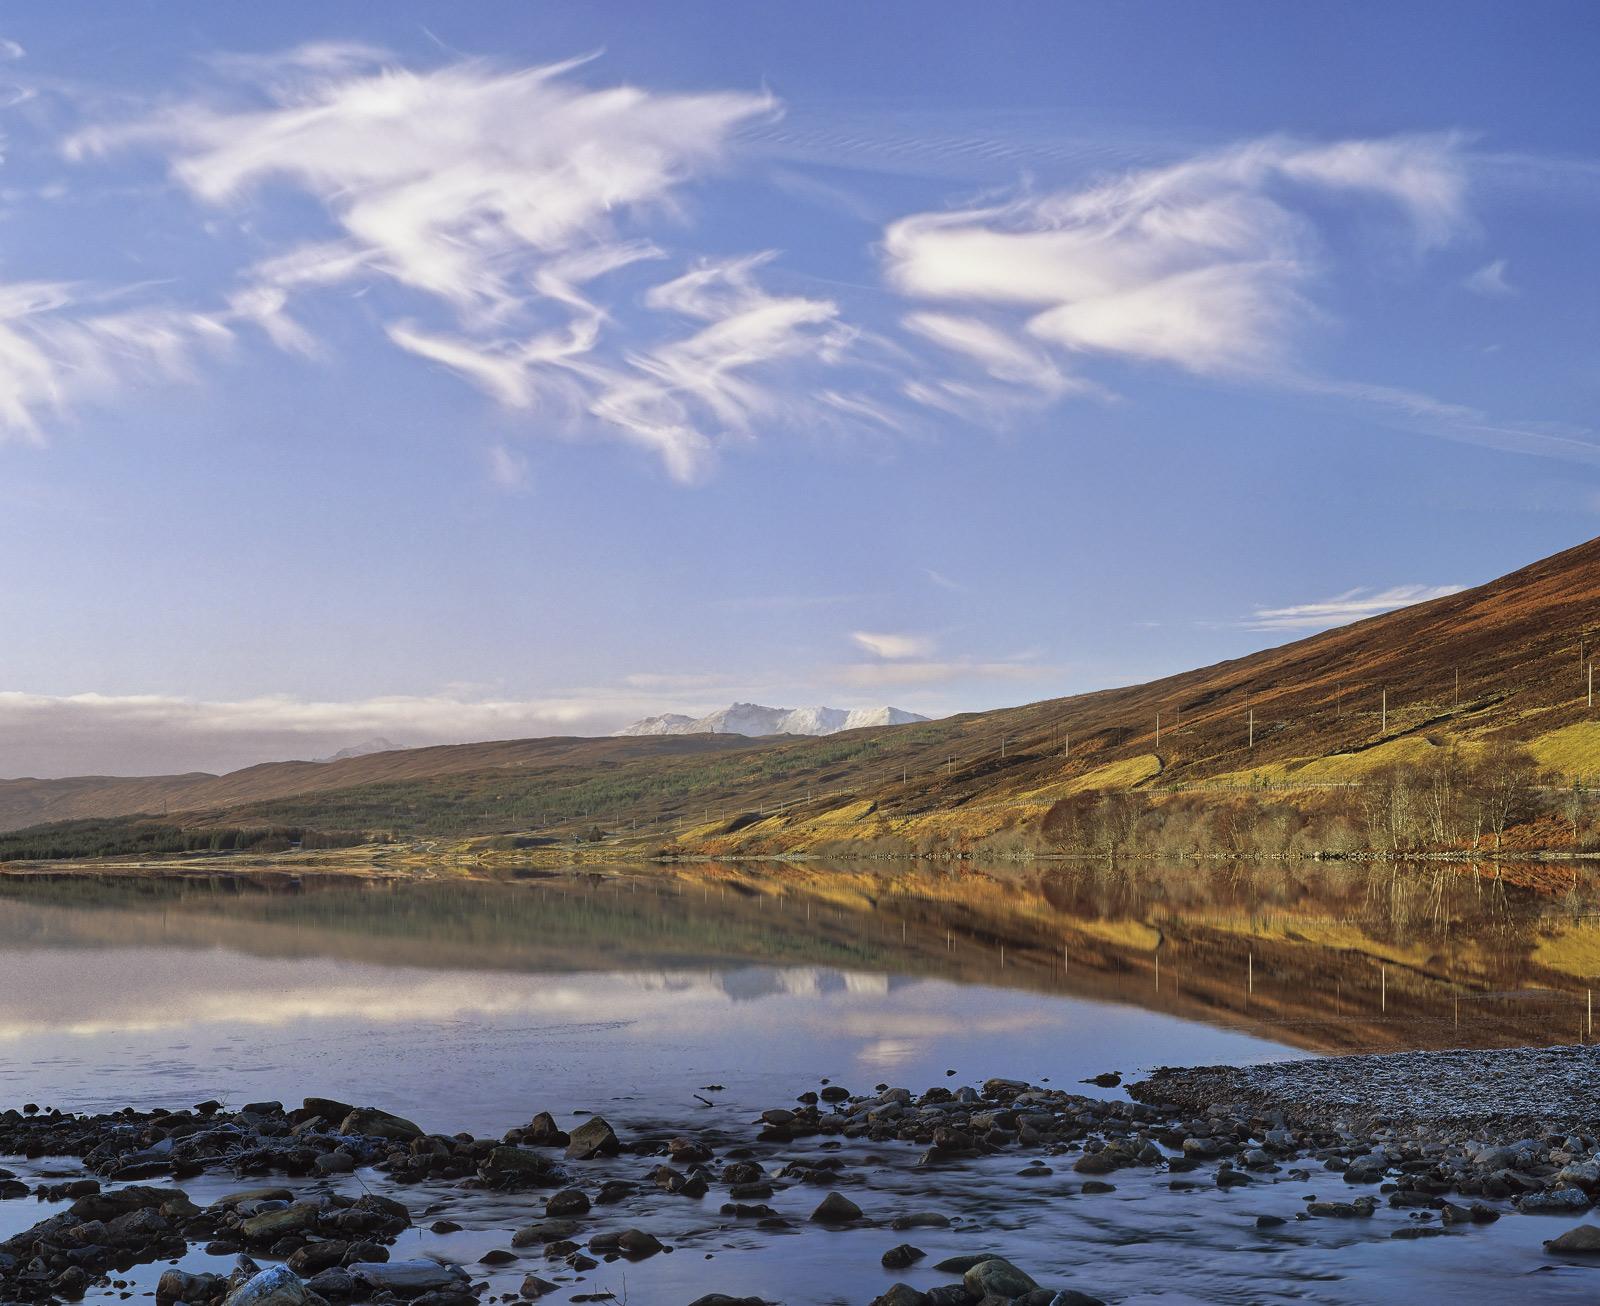 Becalmed Loch a Chroisg, Loch a Chroisg, Achnasheen, Scotland, beautiful, sunshine, mirror, reflection, clouds, ice, sno, photo